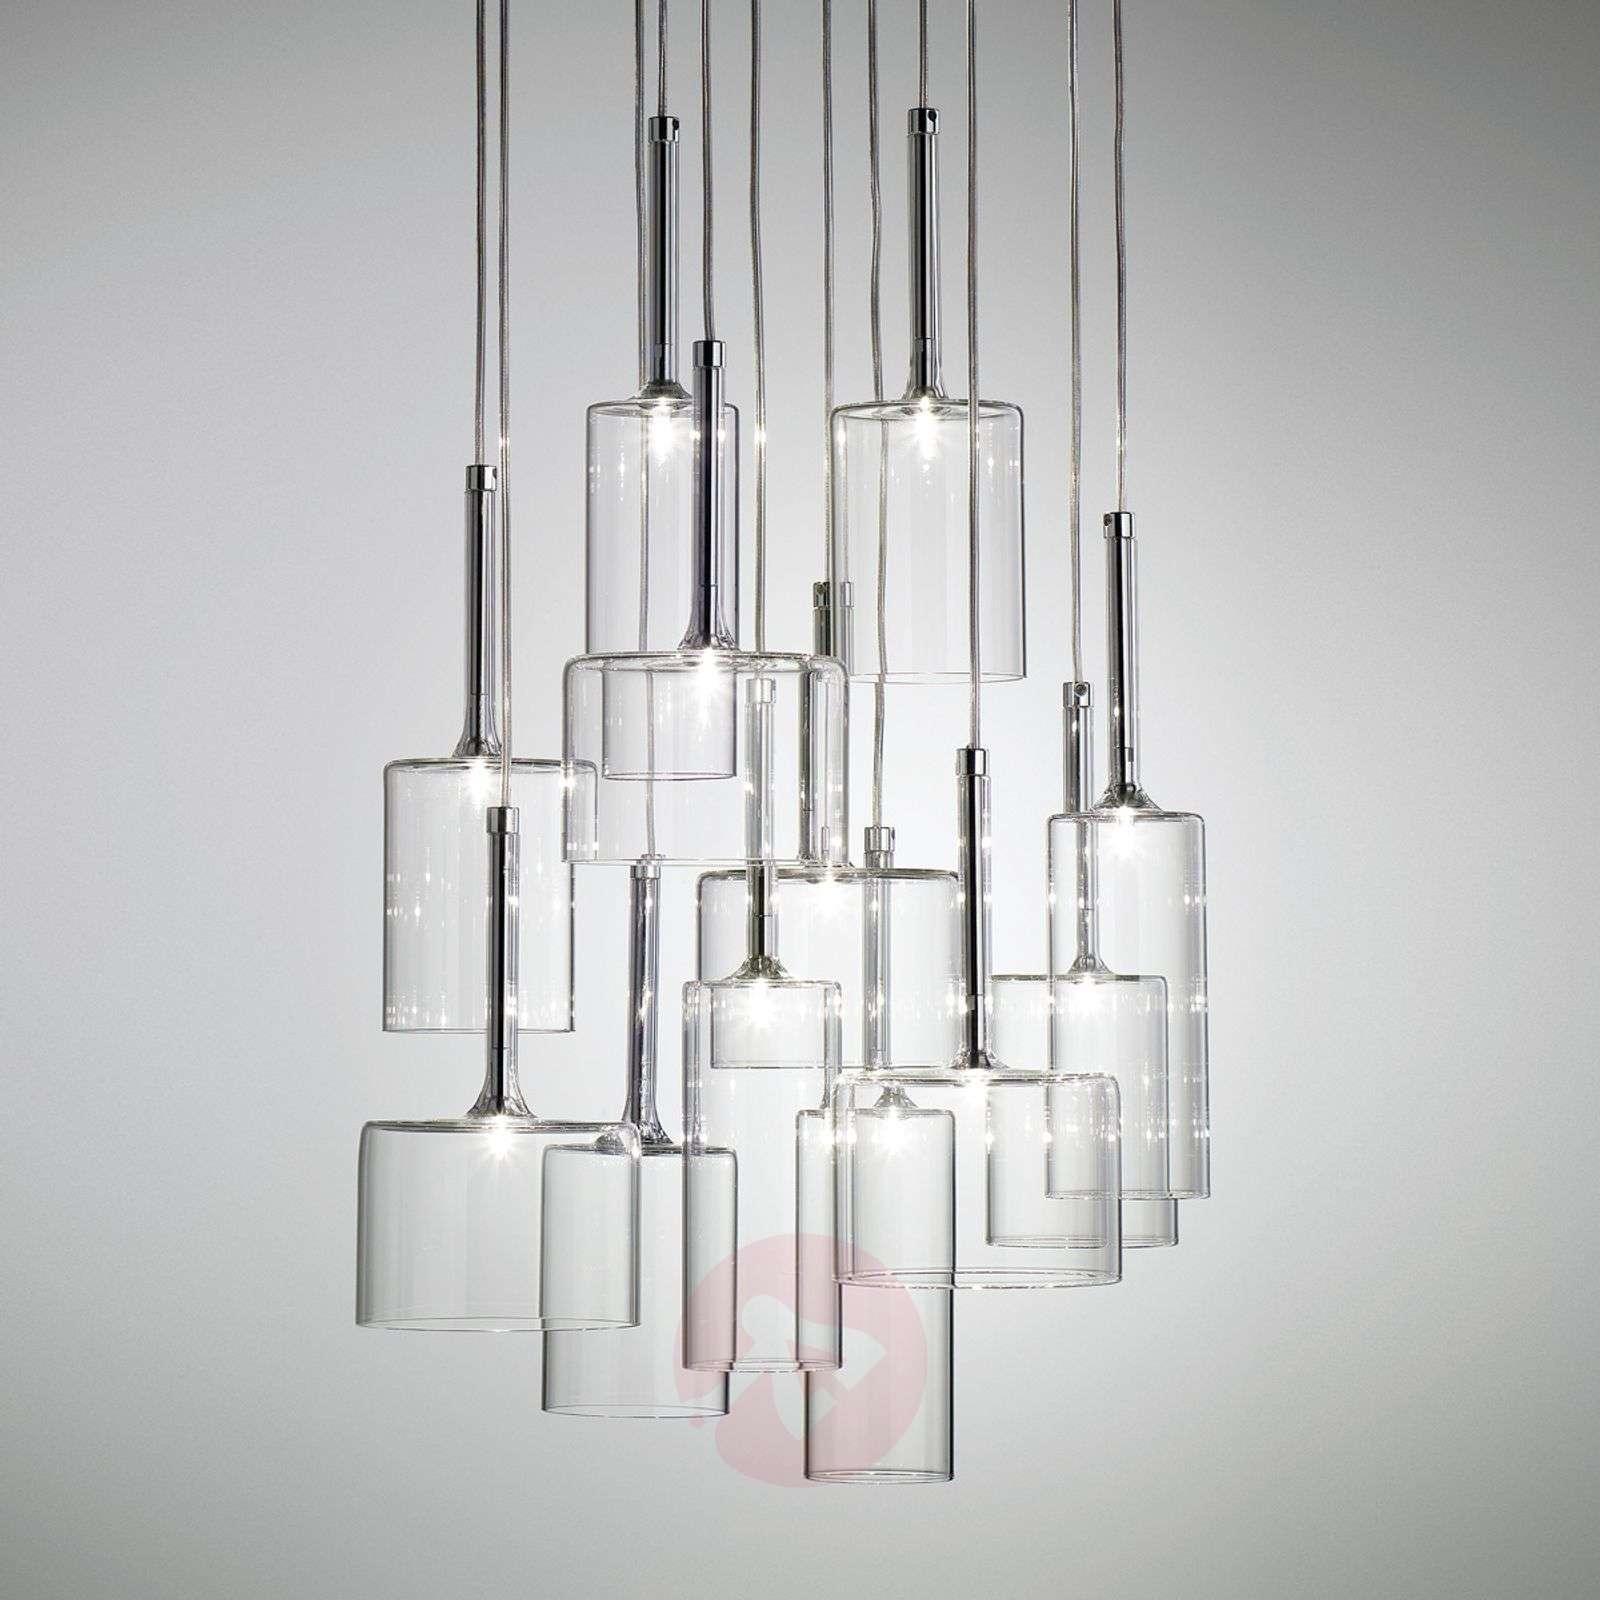 Vaikuttava 12-osainen Spillray-lasiriippuvalaisin-1088089-01